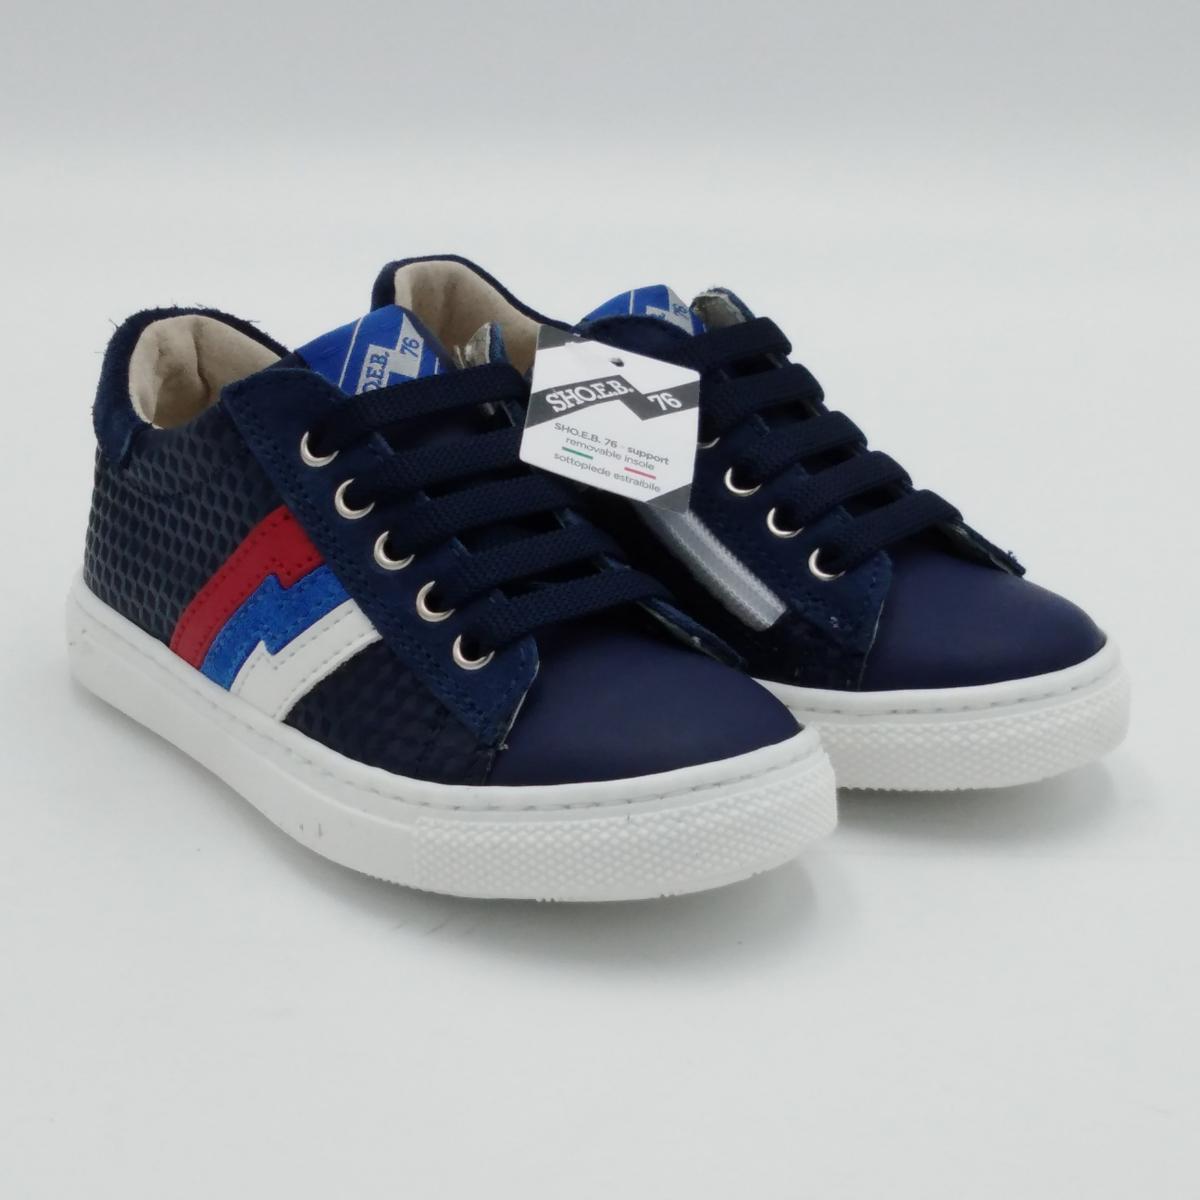 SHOEB 76 -Sneaker lacci blu...